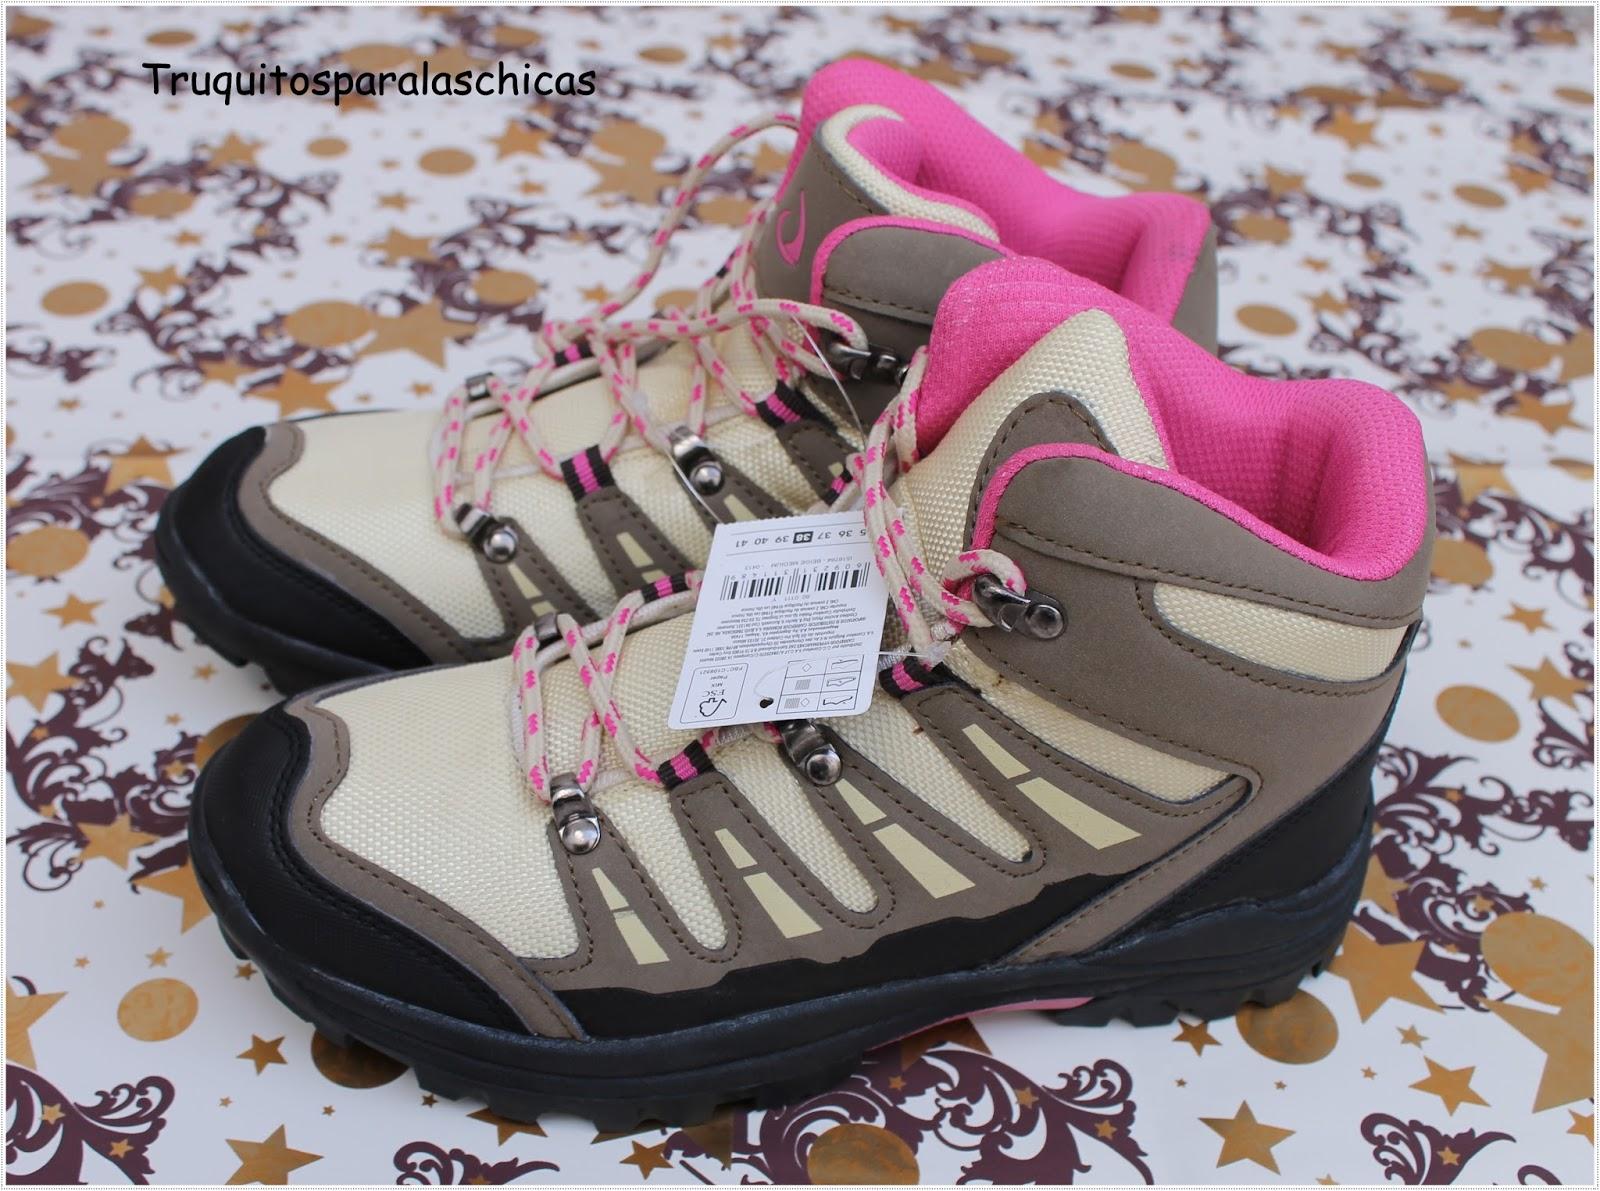 botas chicas